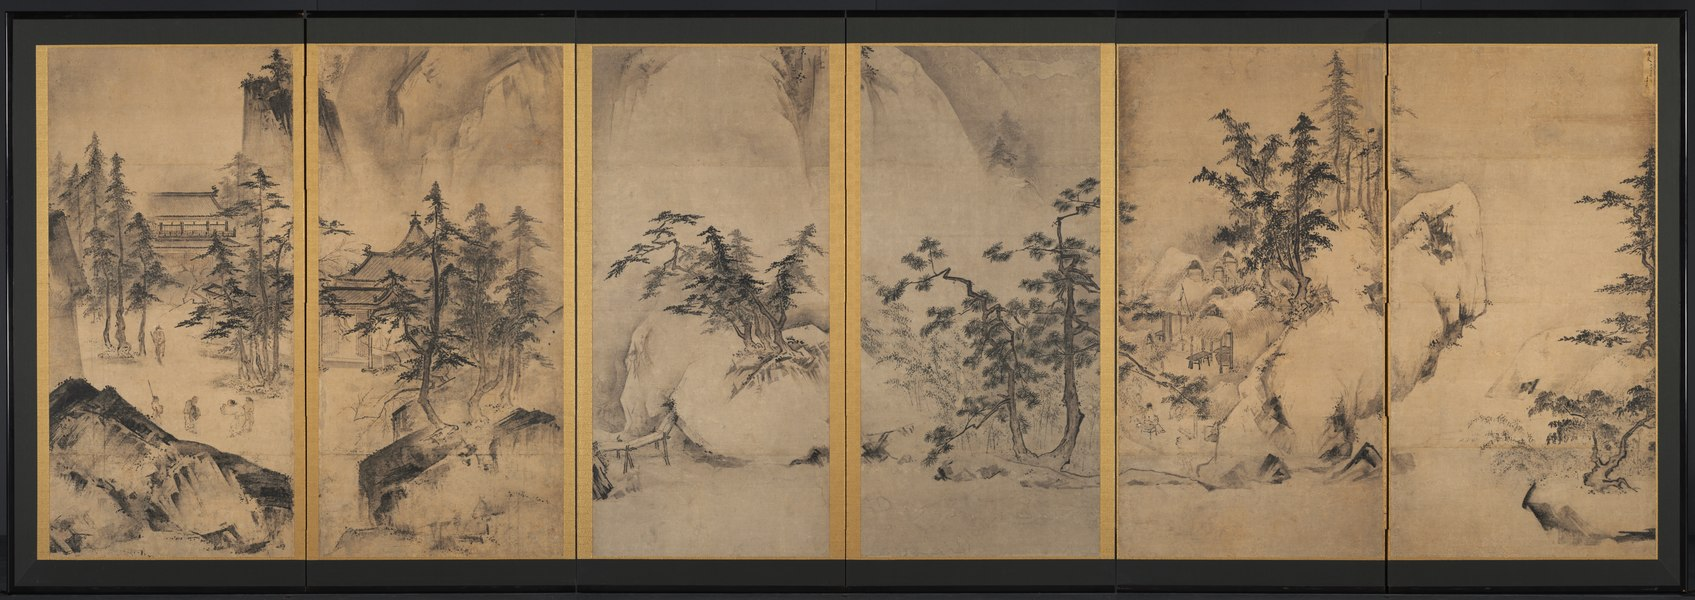 tensho shubun - image 8